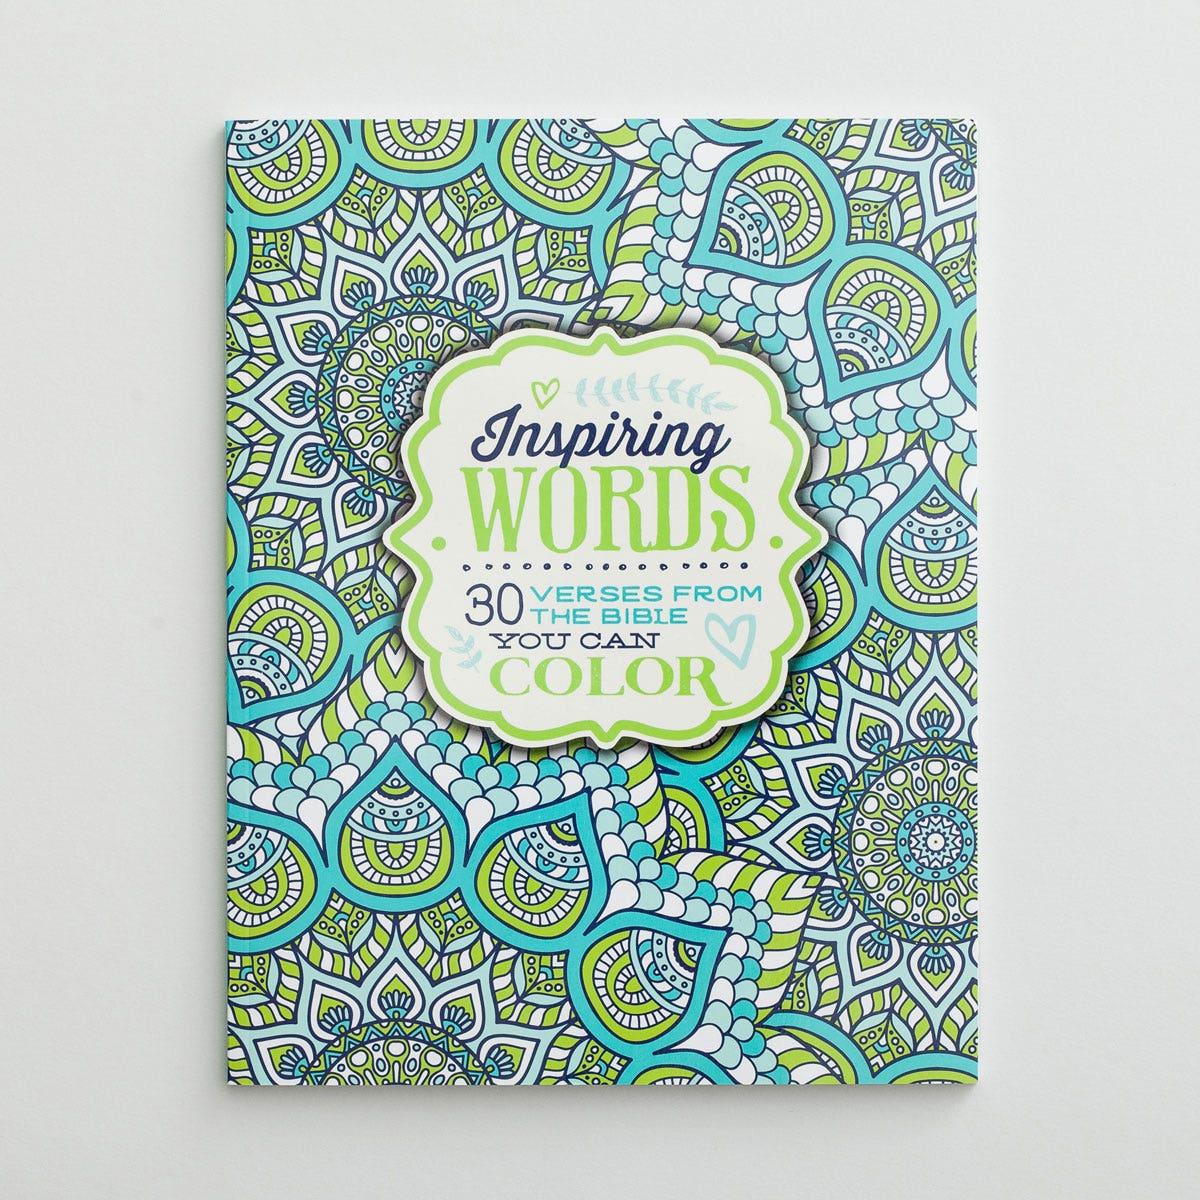 Inspiring Words - Inspirational Coloring Book